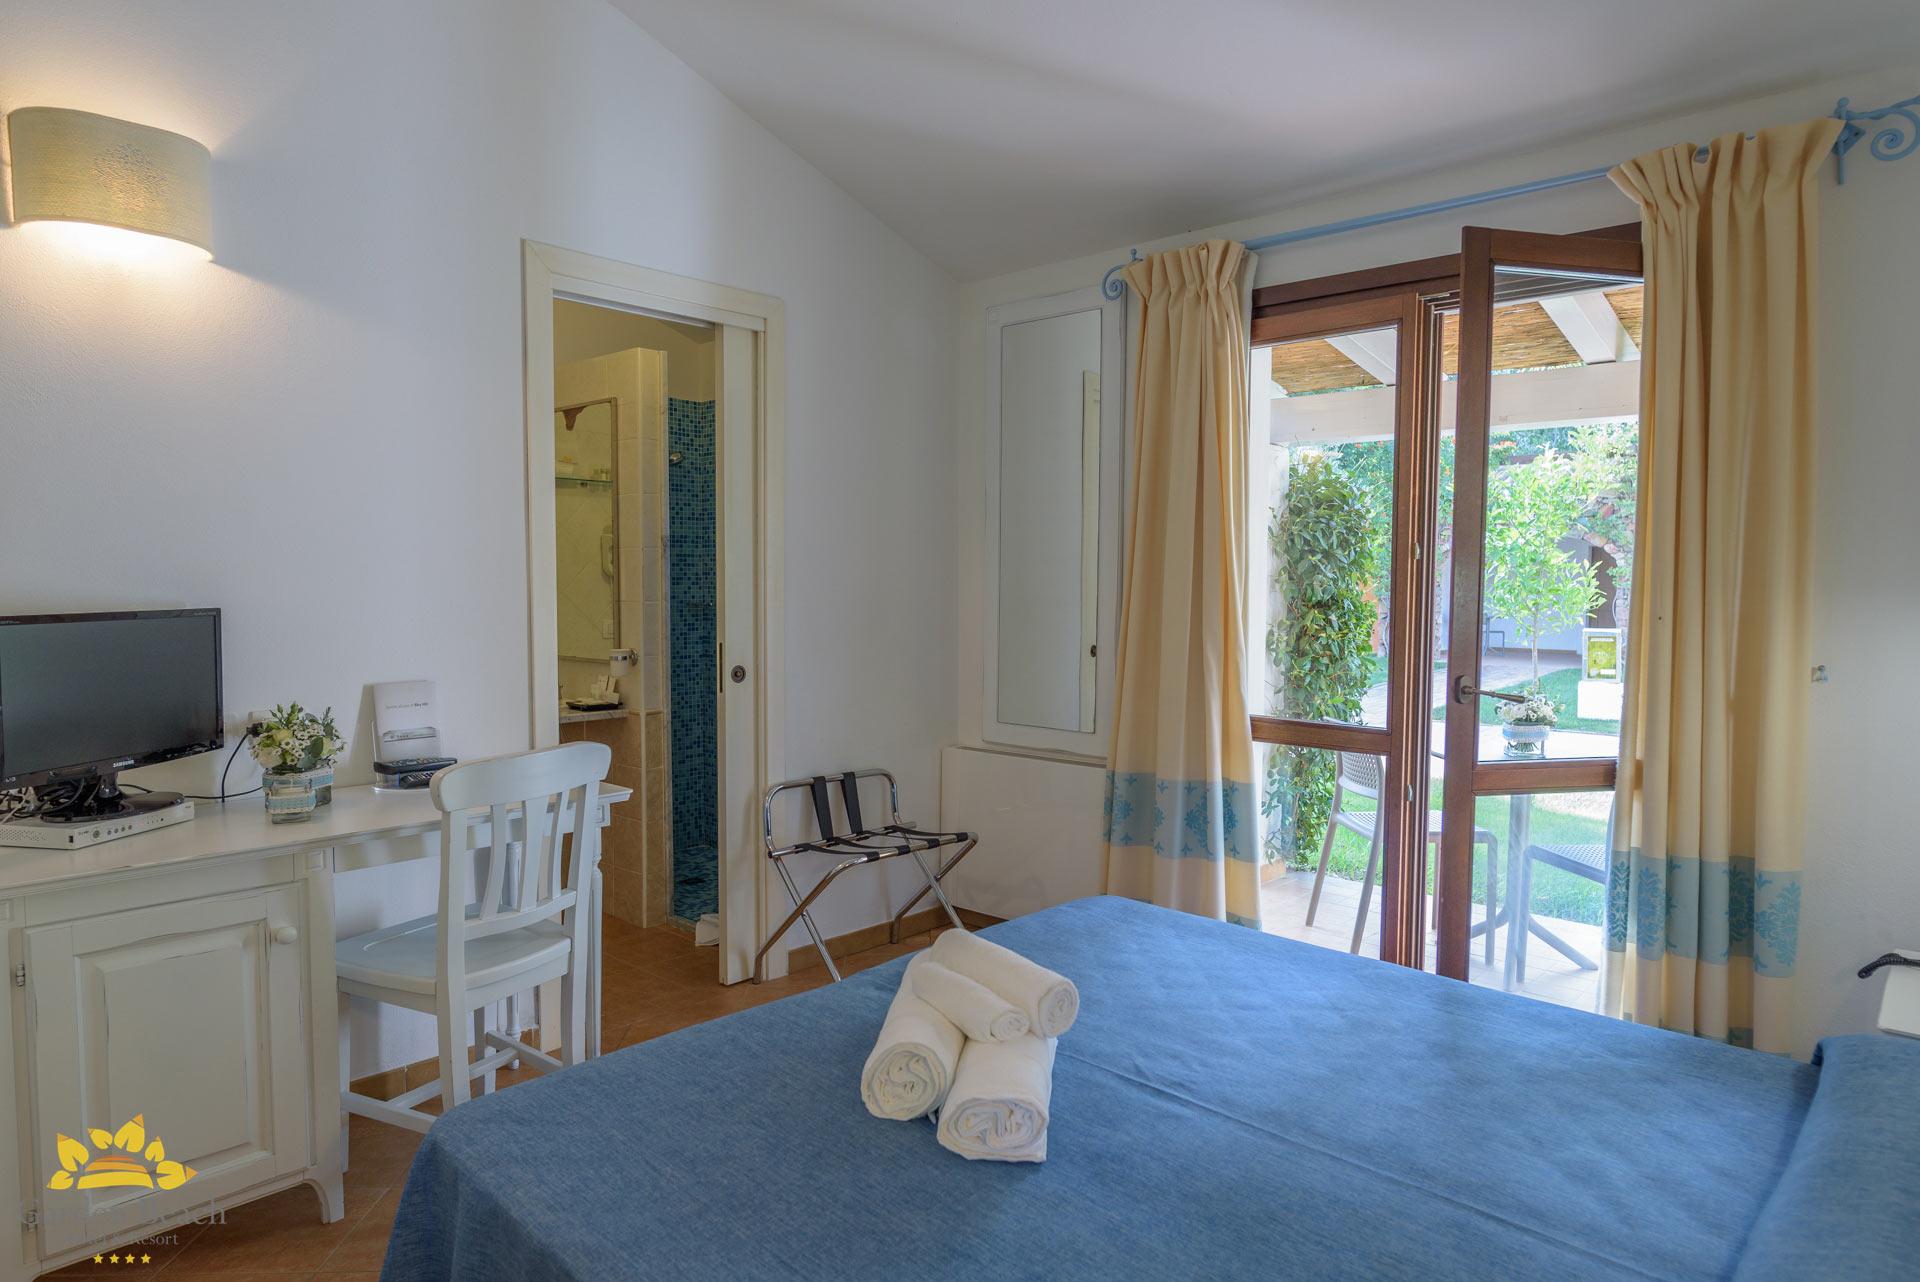 hotel-garden-beach---camere-classic-portafinestra-67